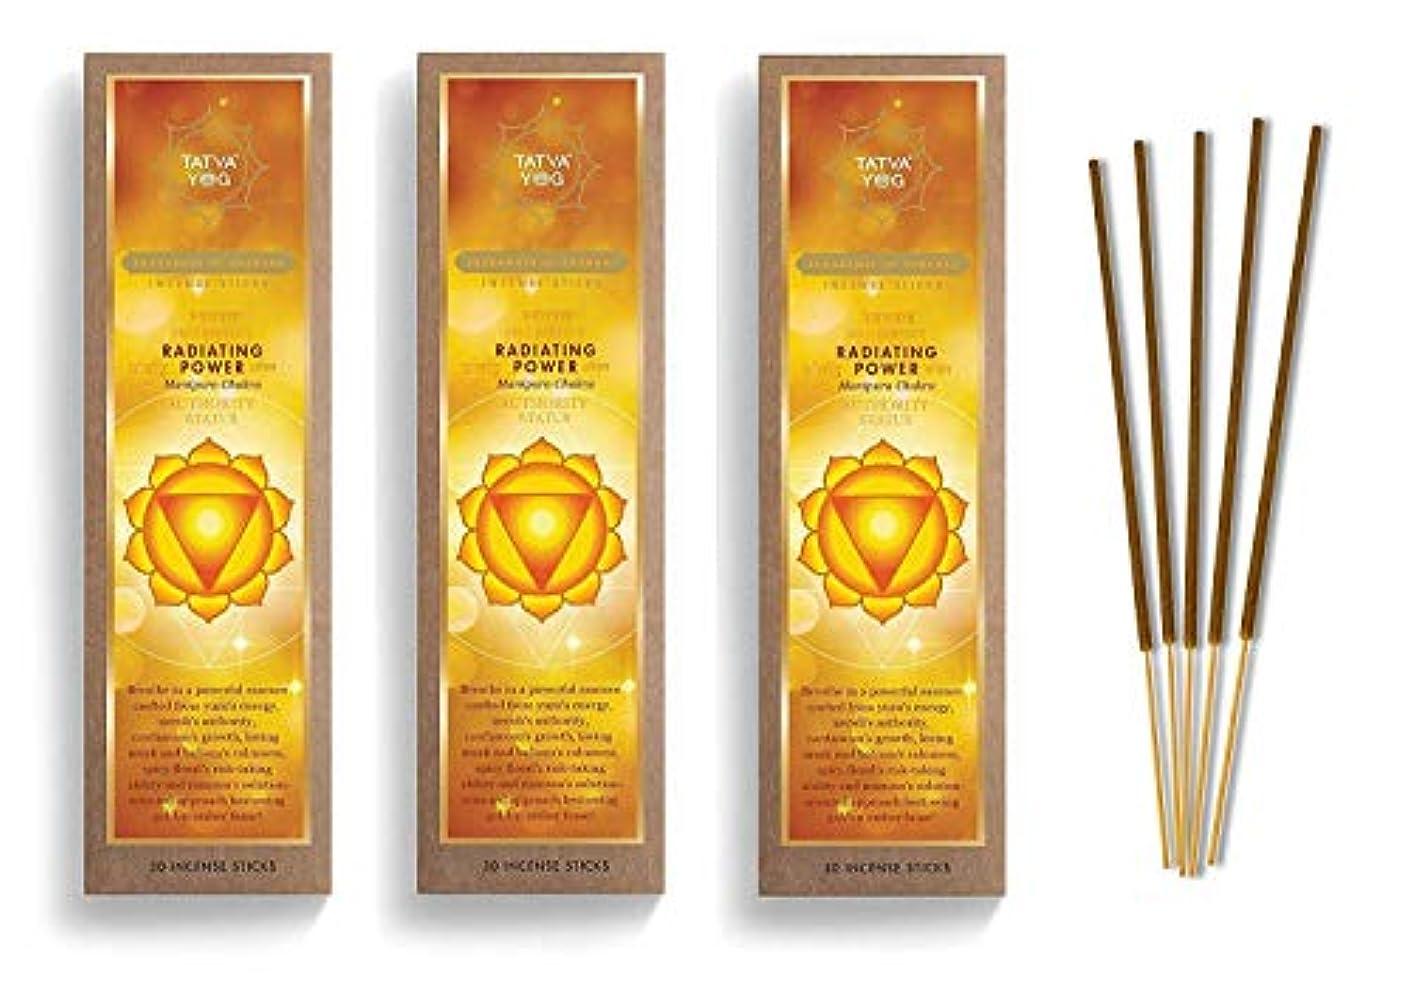 家禽数学的な州Radiating Power Long Lasting Incense Sticks for Daily Pooja|Festive|Home|Scented Natural Agarbatti for Positive...